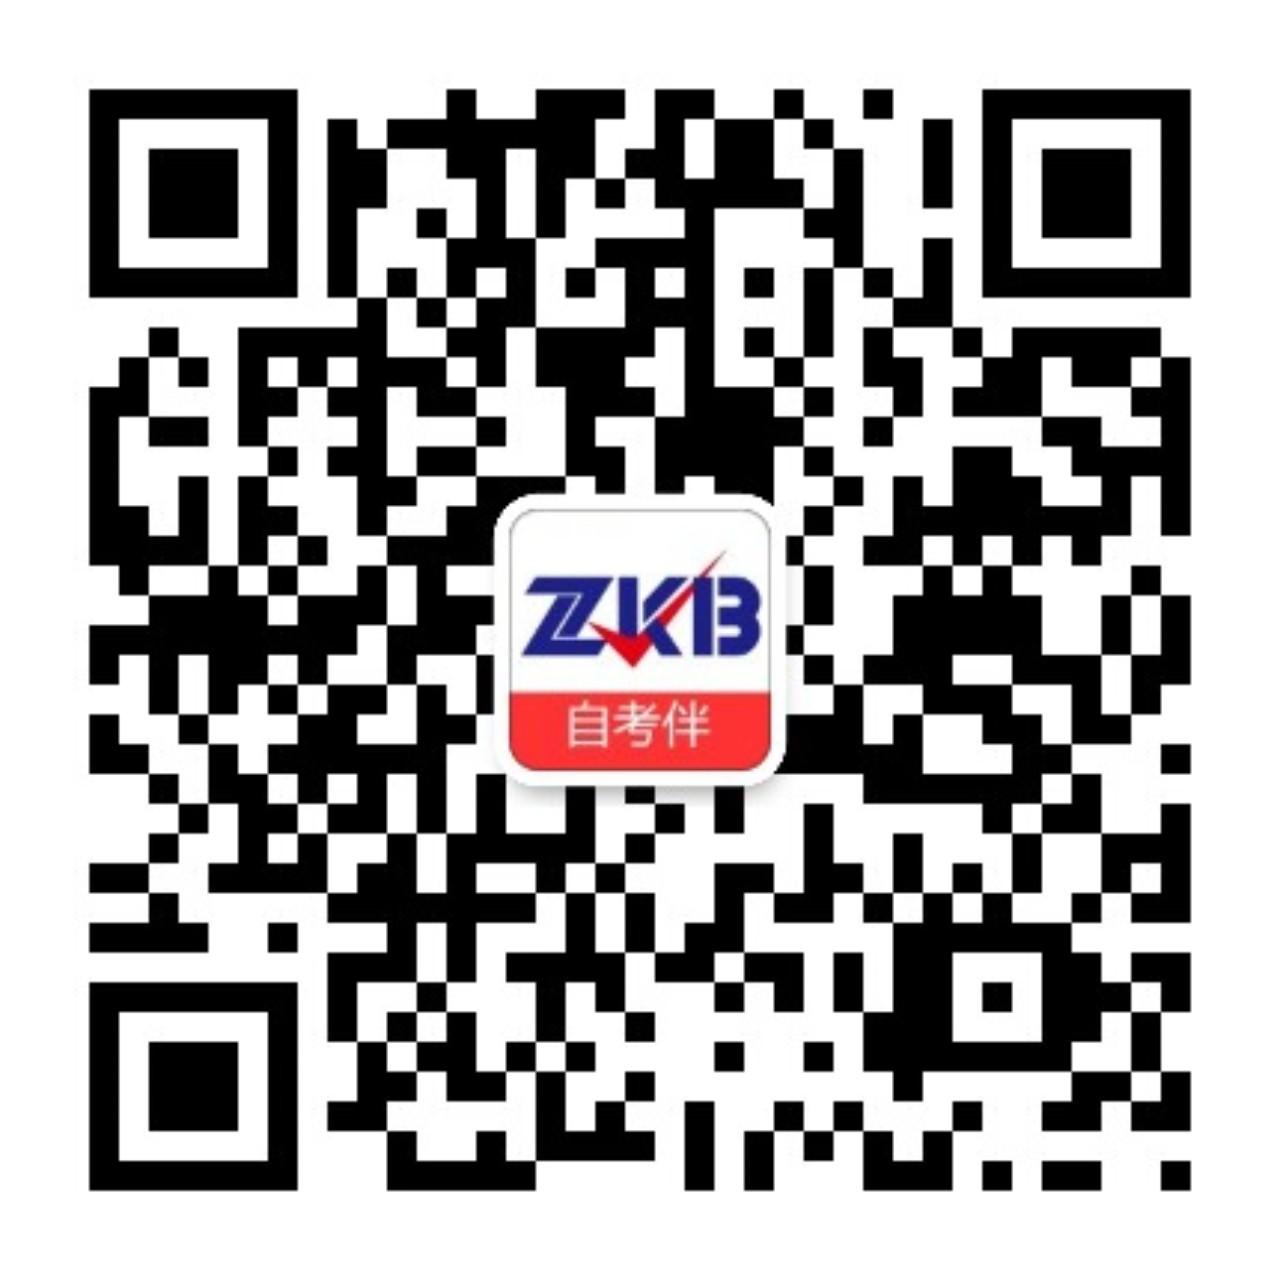 辽宁自考网微信交流群